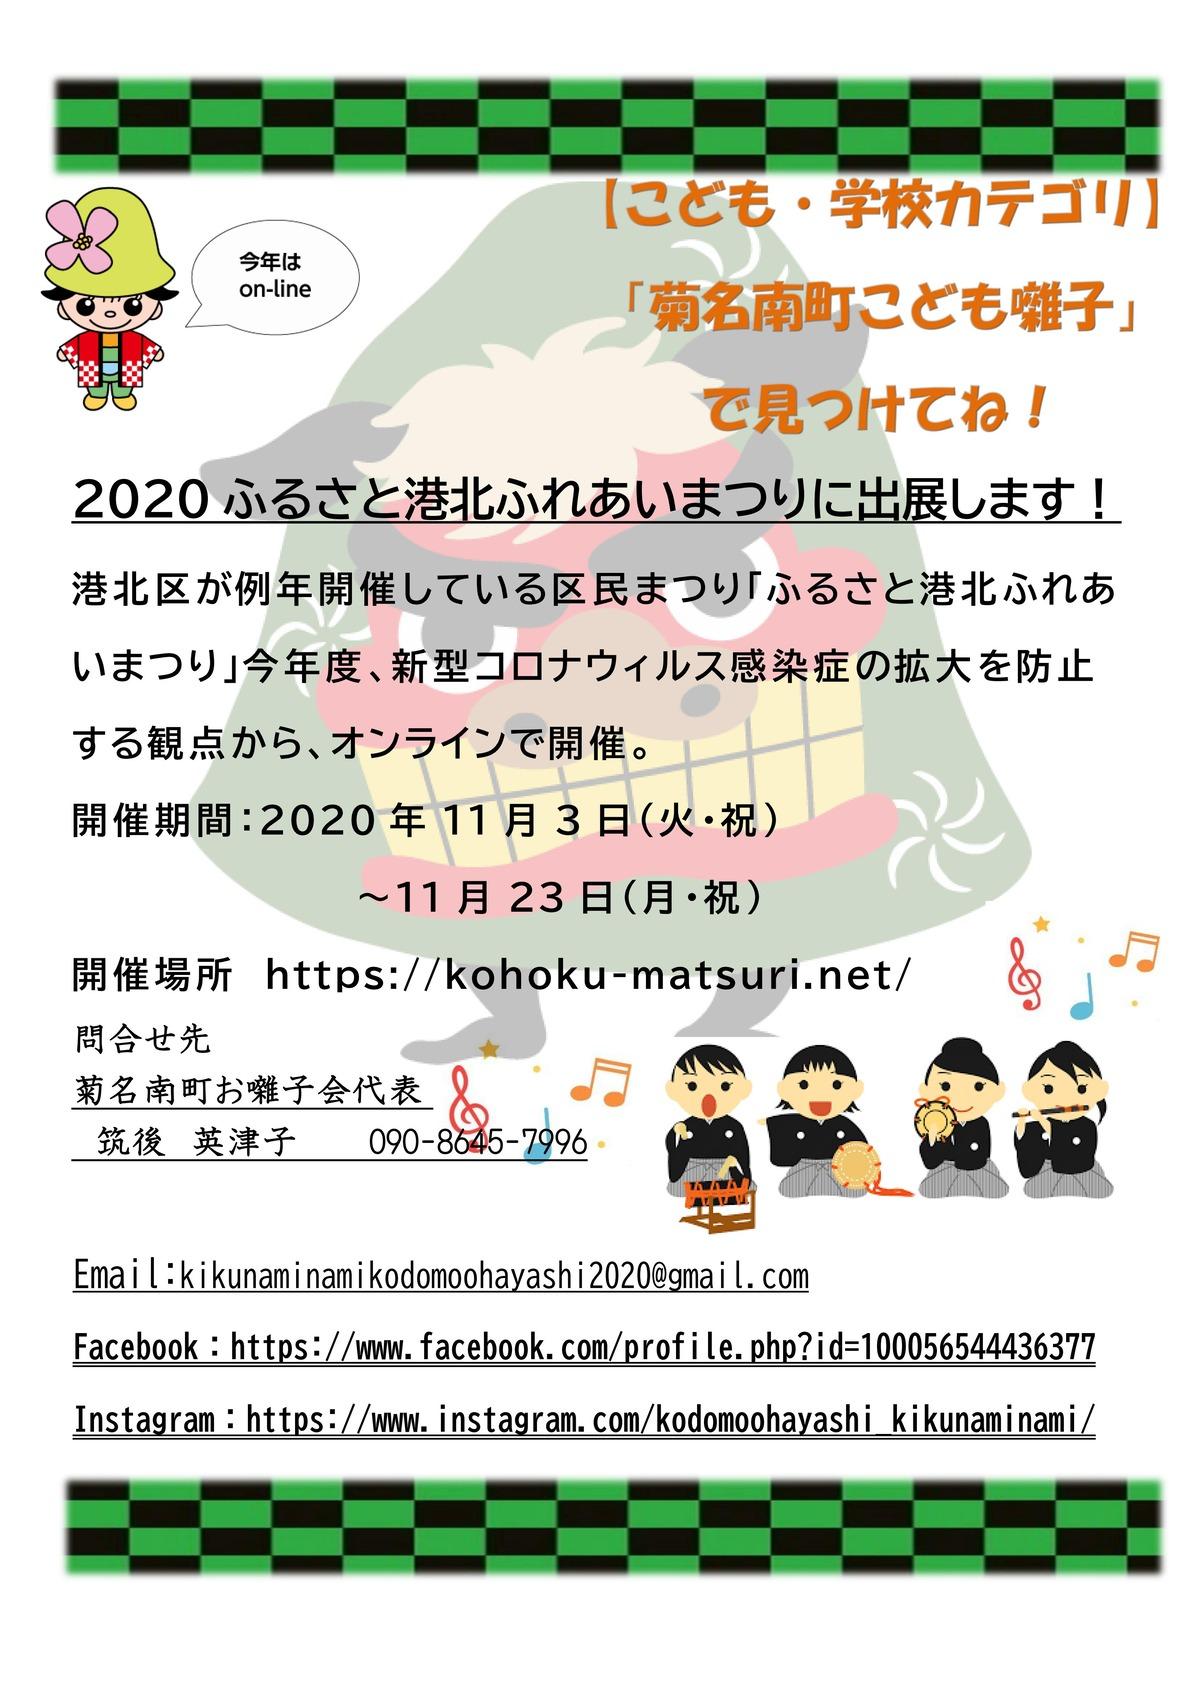 お囃子会_ふれあいまつりチラシ_20201102